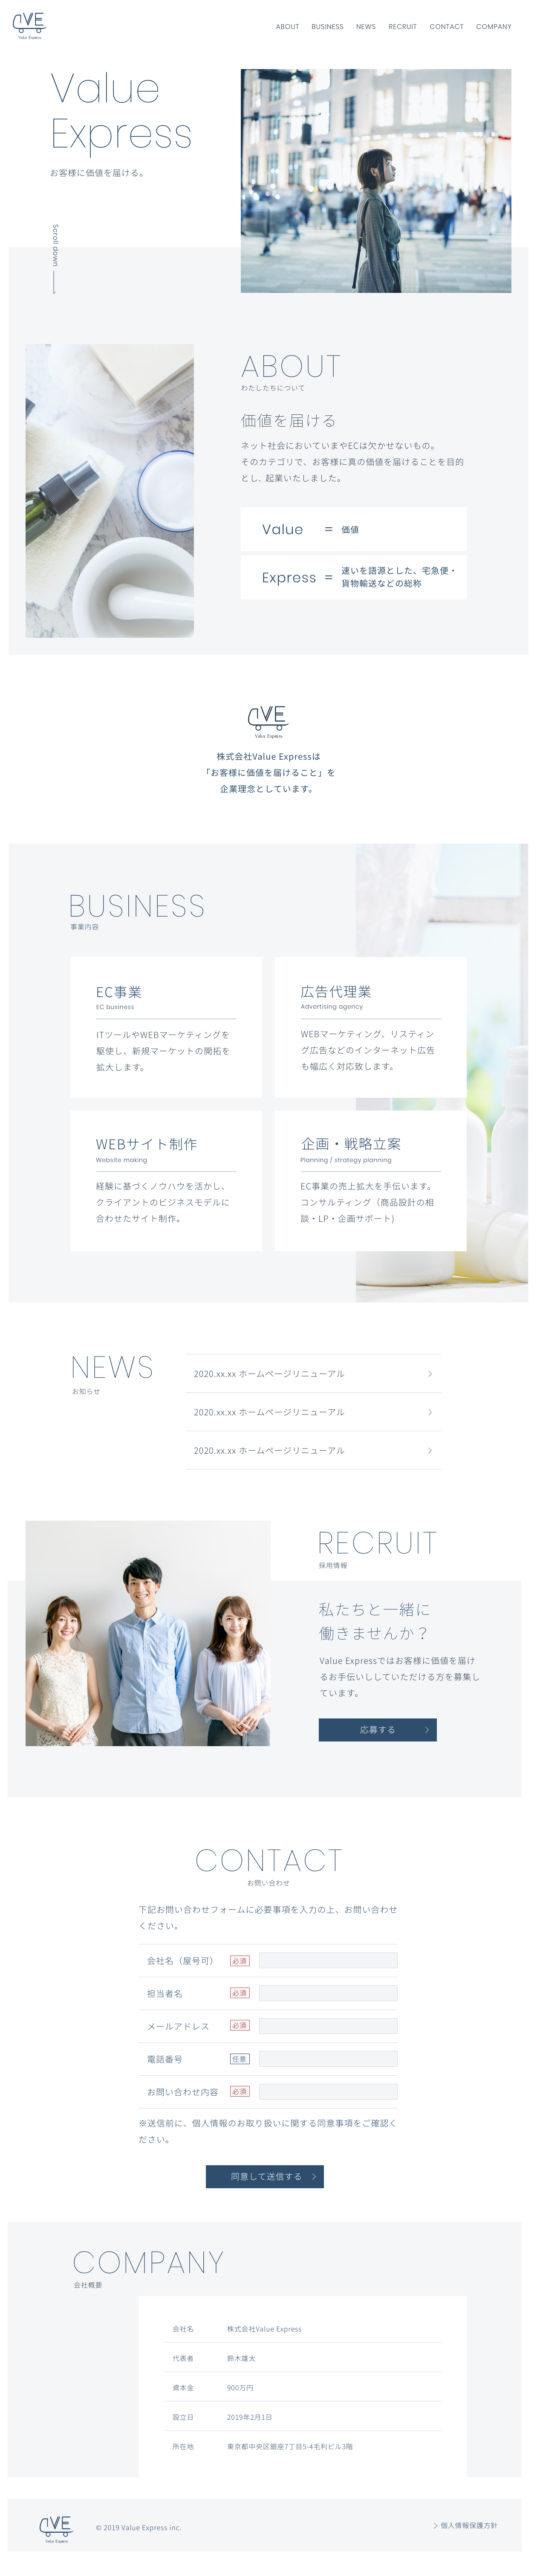 通販会社|コーポレートサイトのデザイン